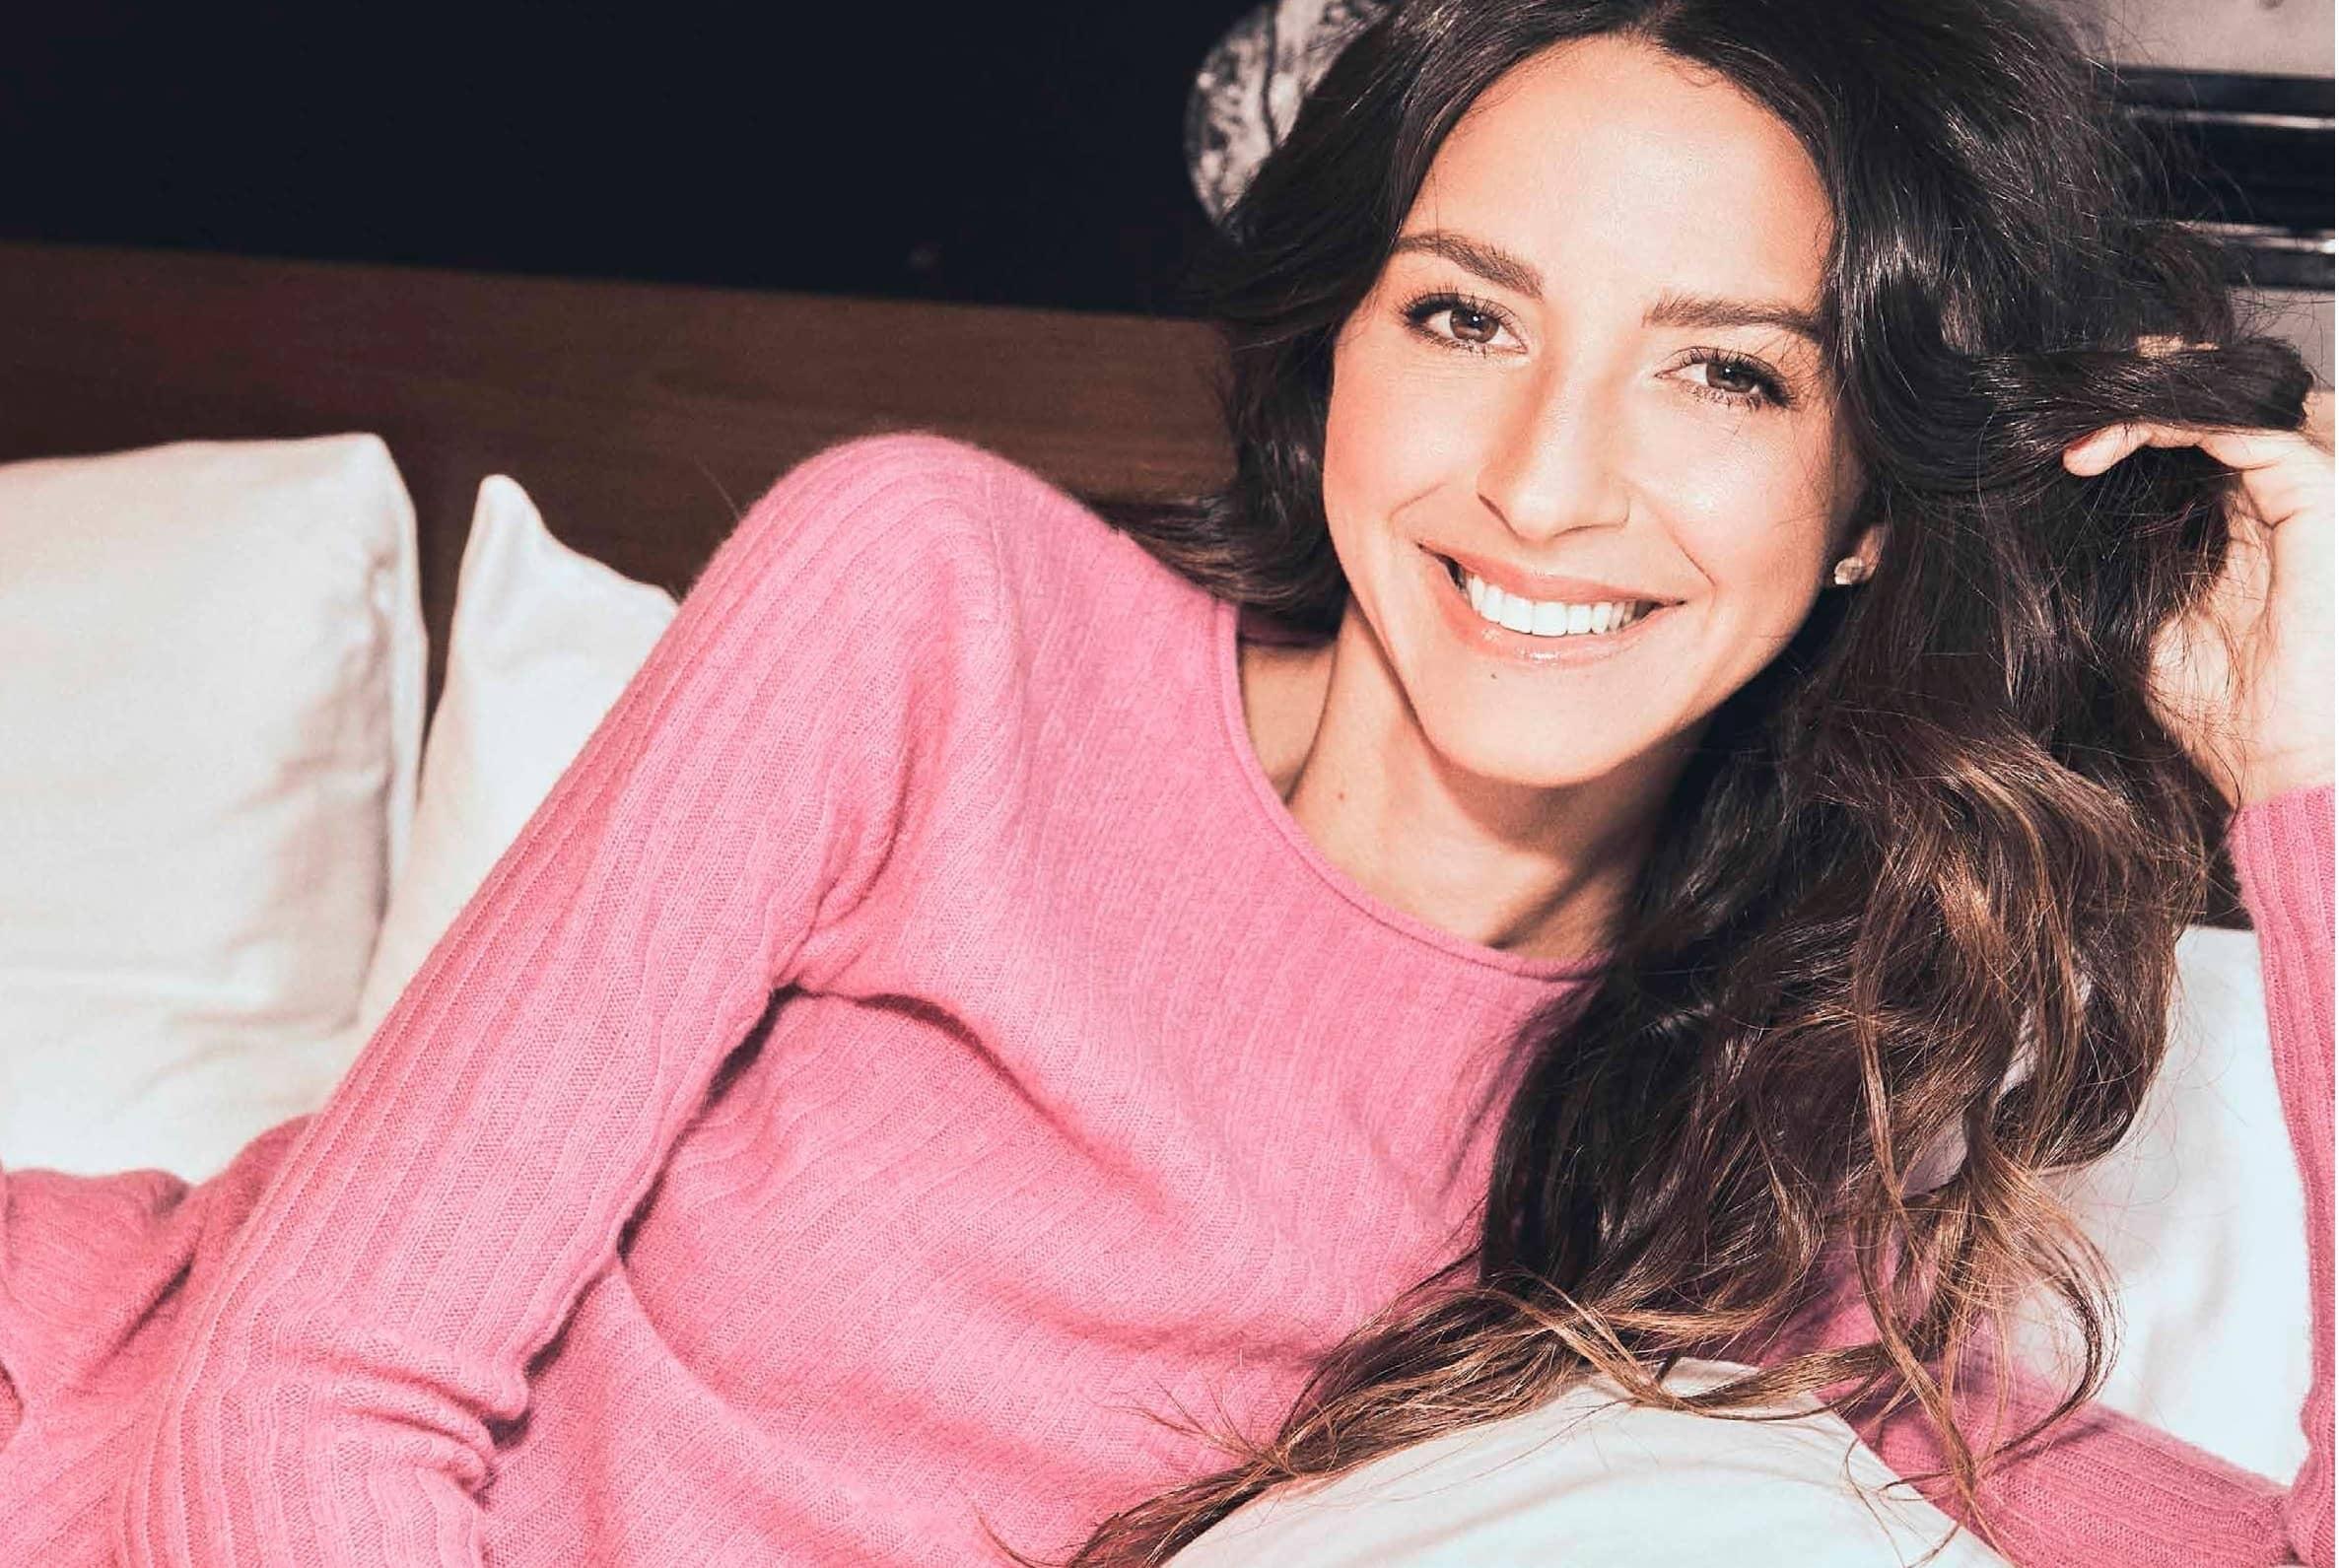 Arielle Charnas